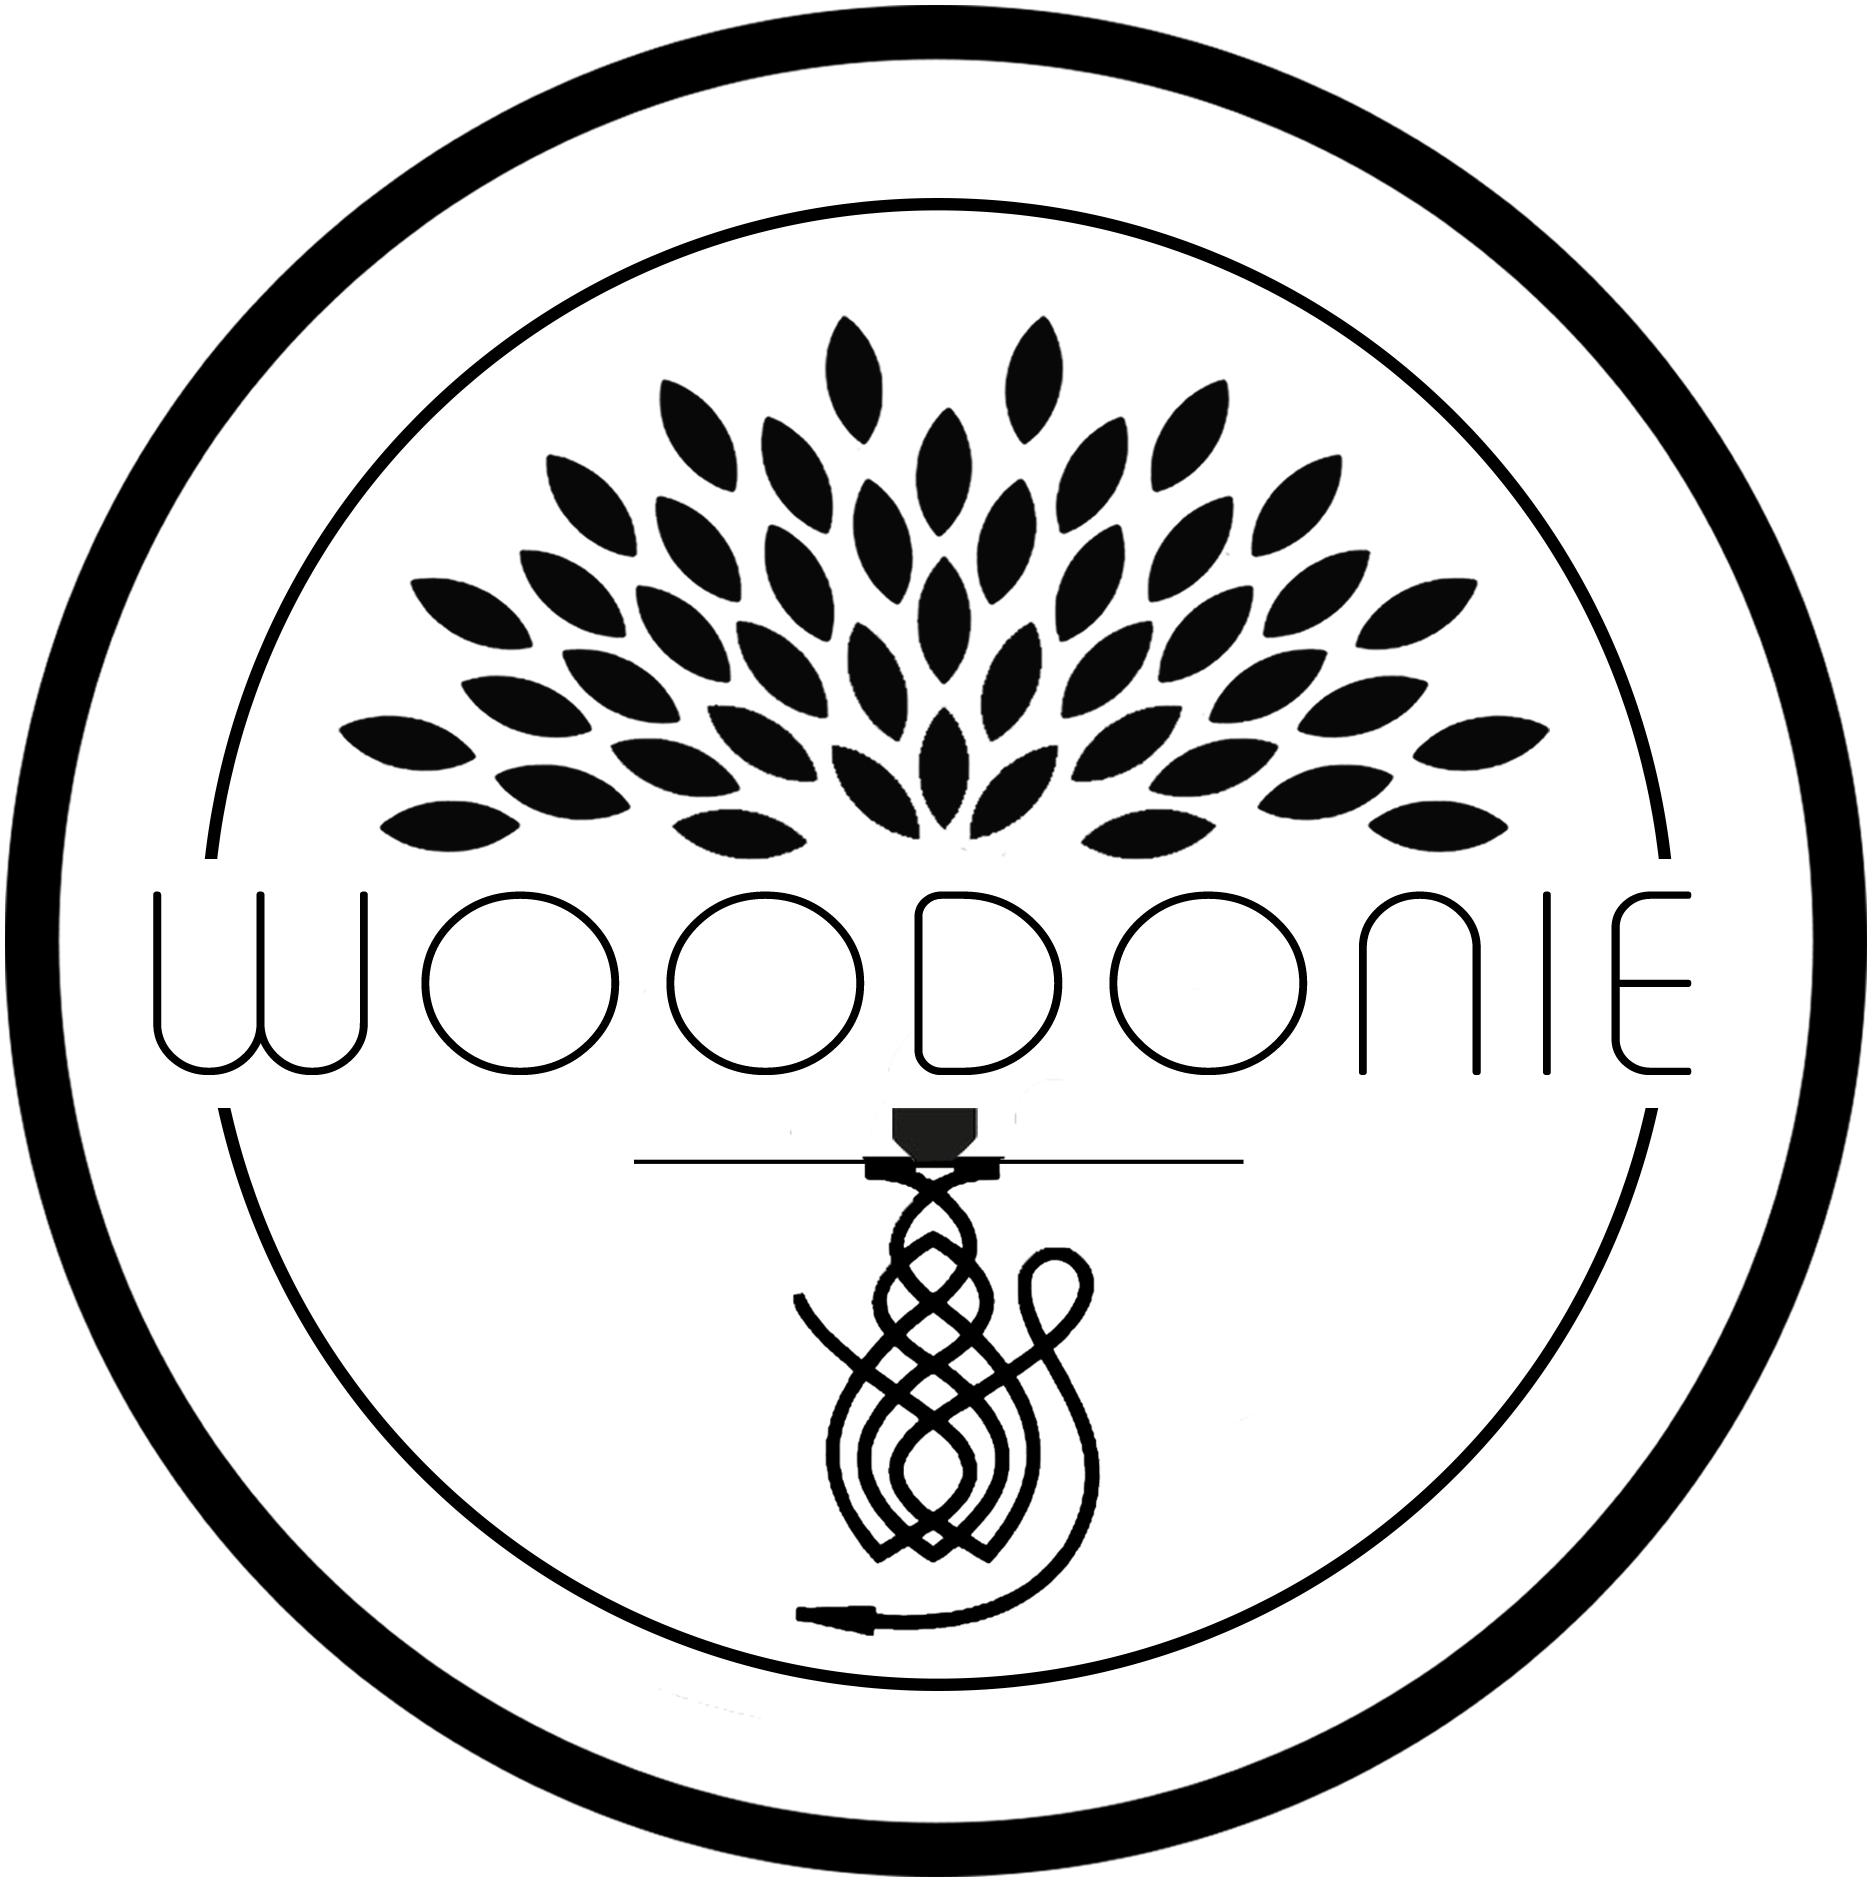 Woodonie